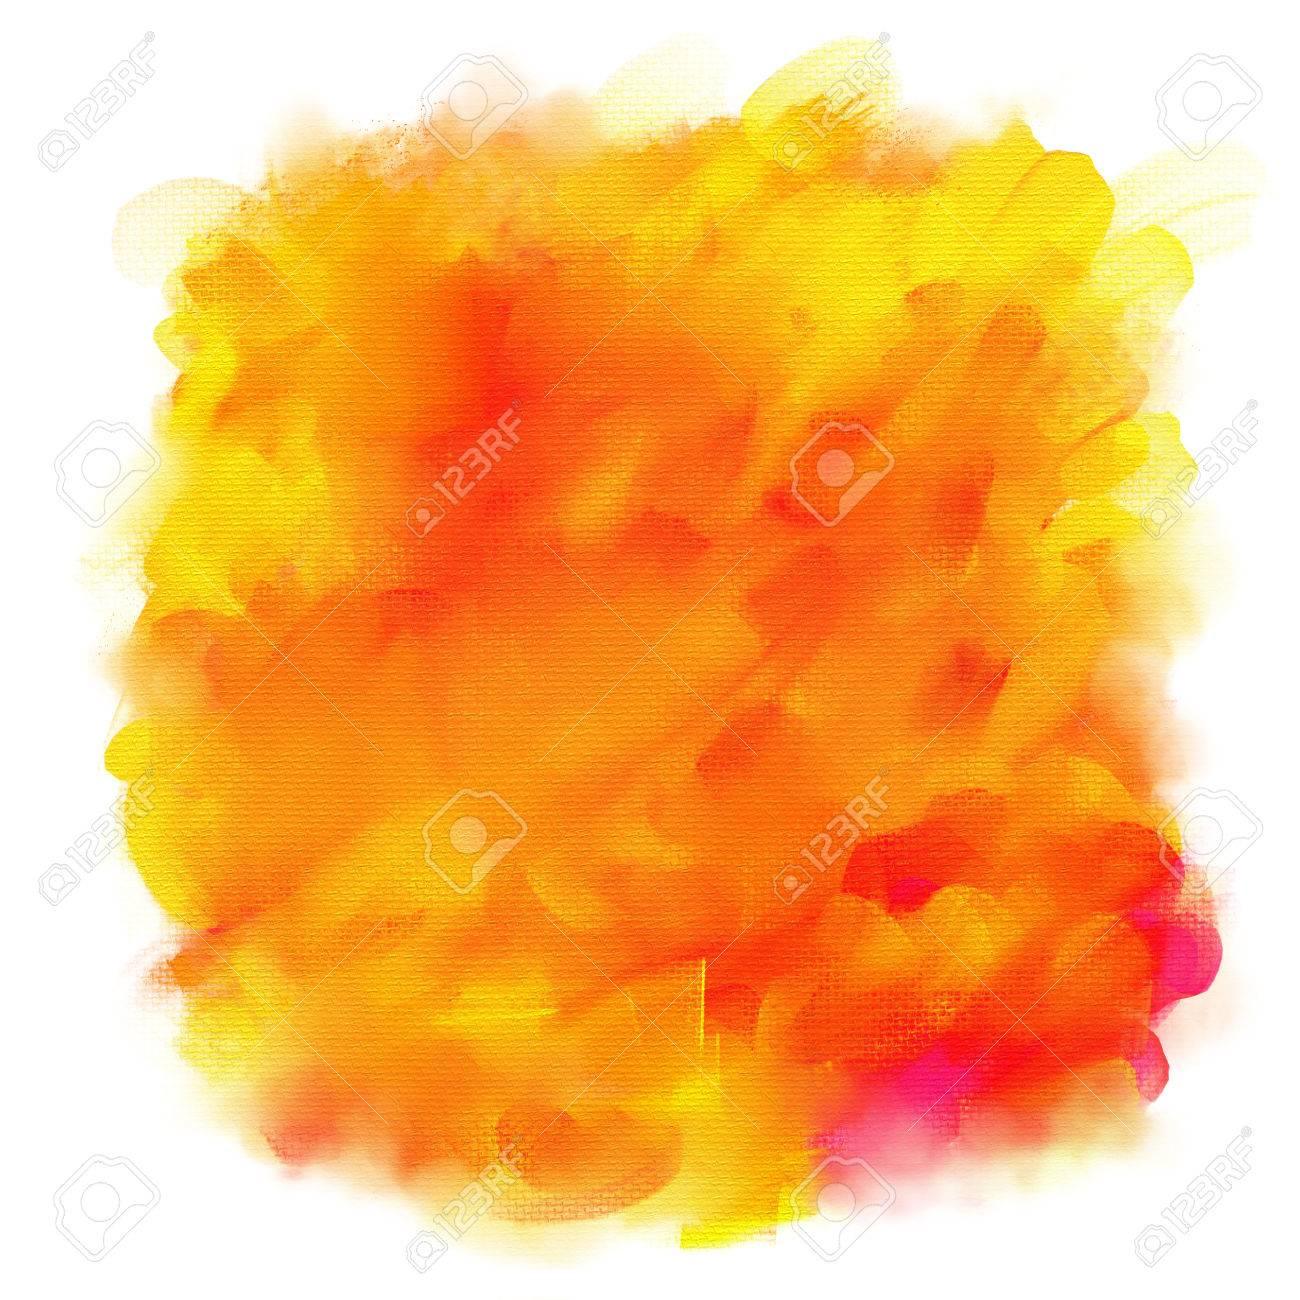 Orange Et Tache Jaune De Peinture Acrylique Isolé Sur Un Fond Blanc